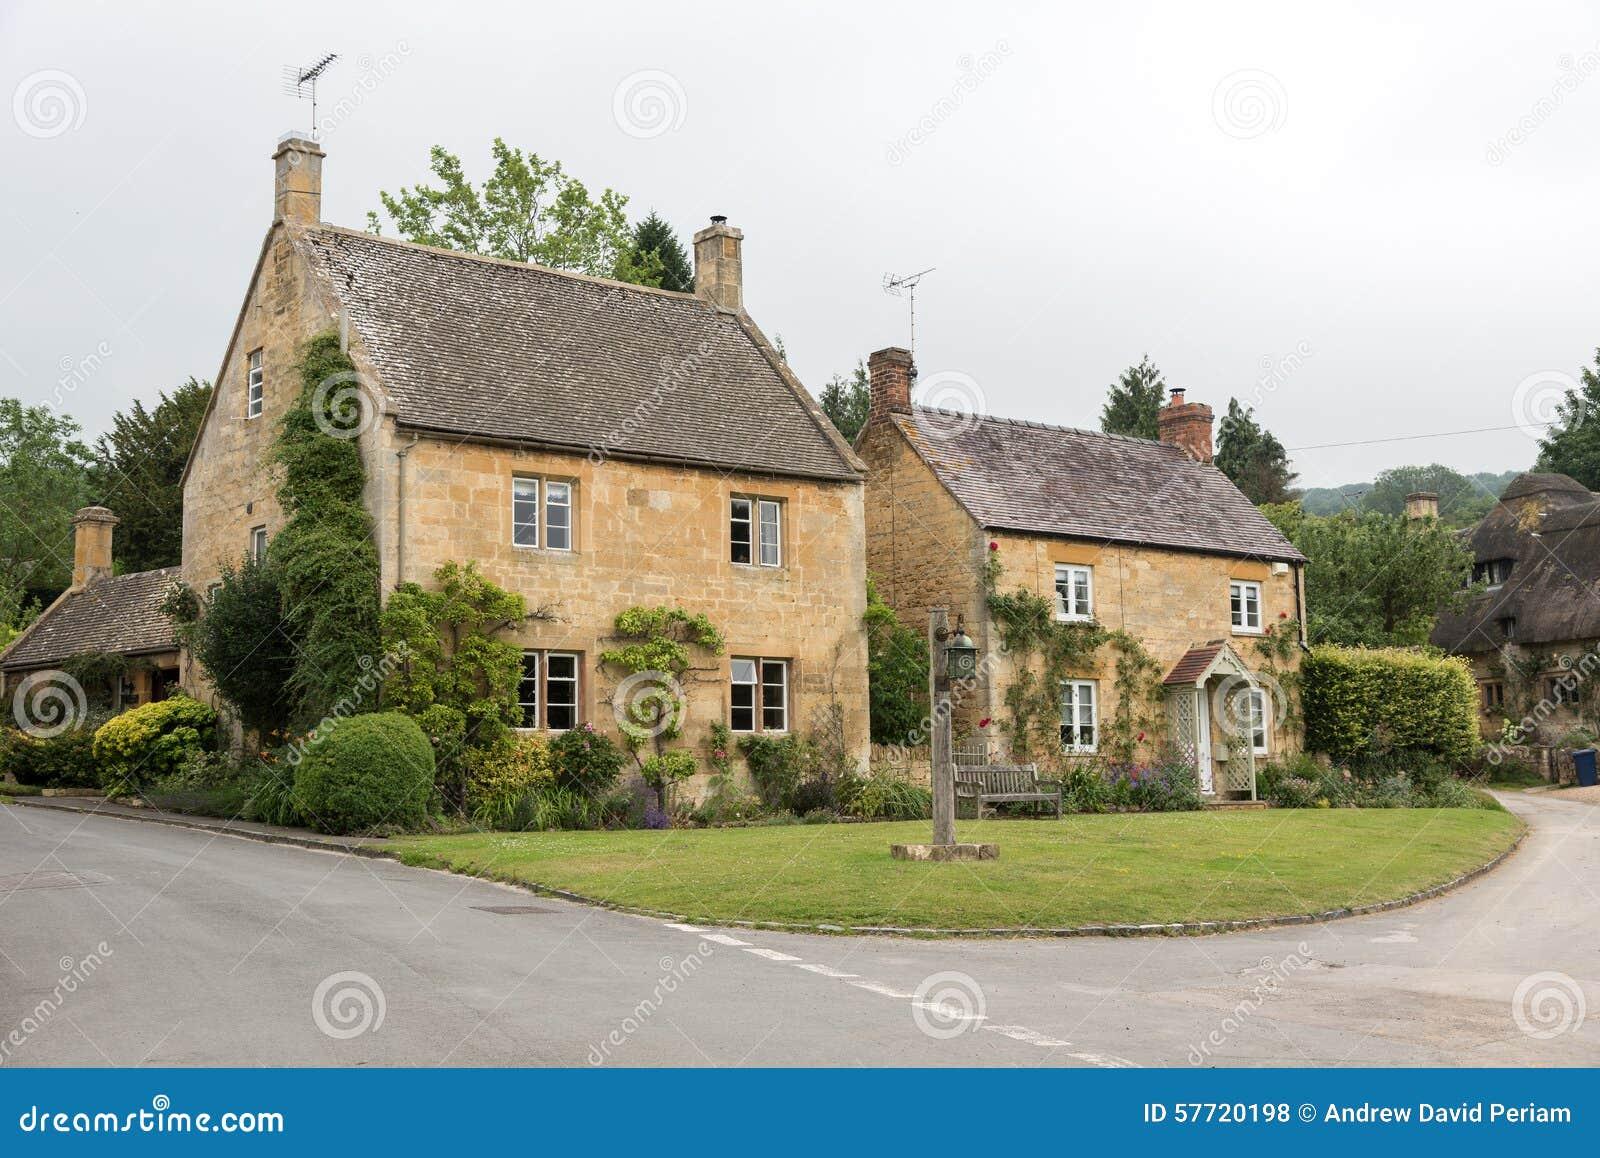 Cottage inglesi fotografia stock immagine 57720198 for Piani di casa cottage inglese